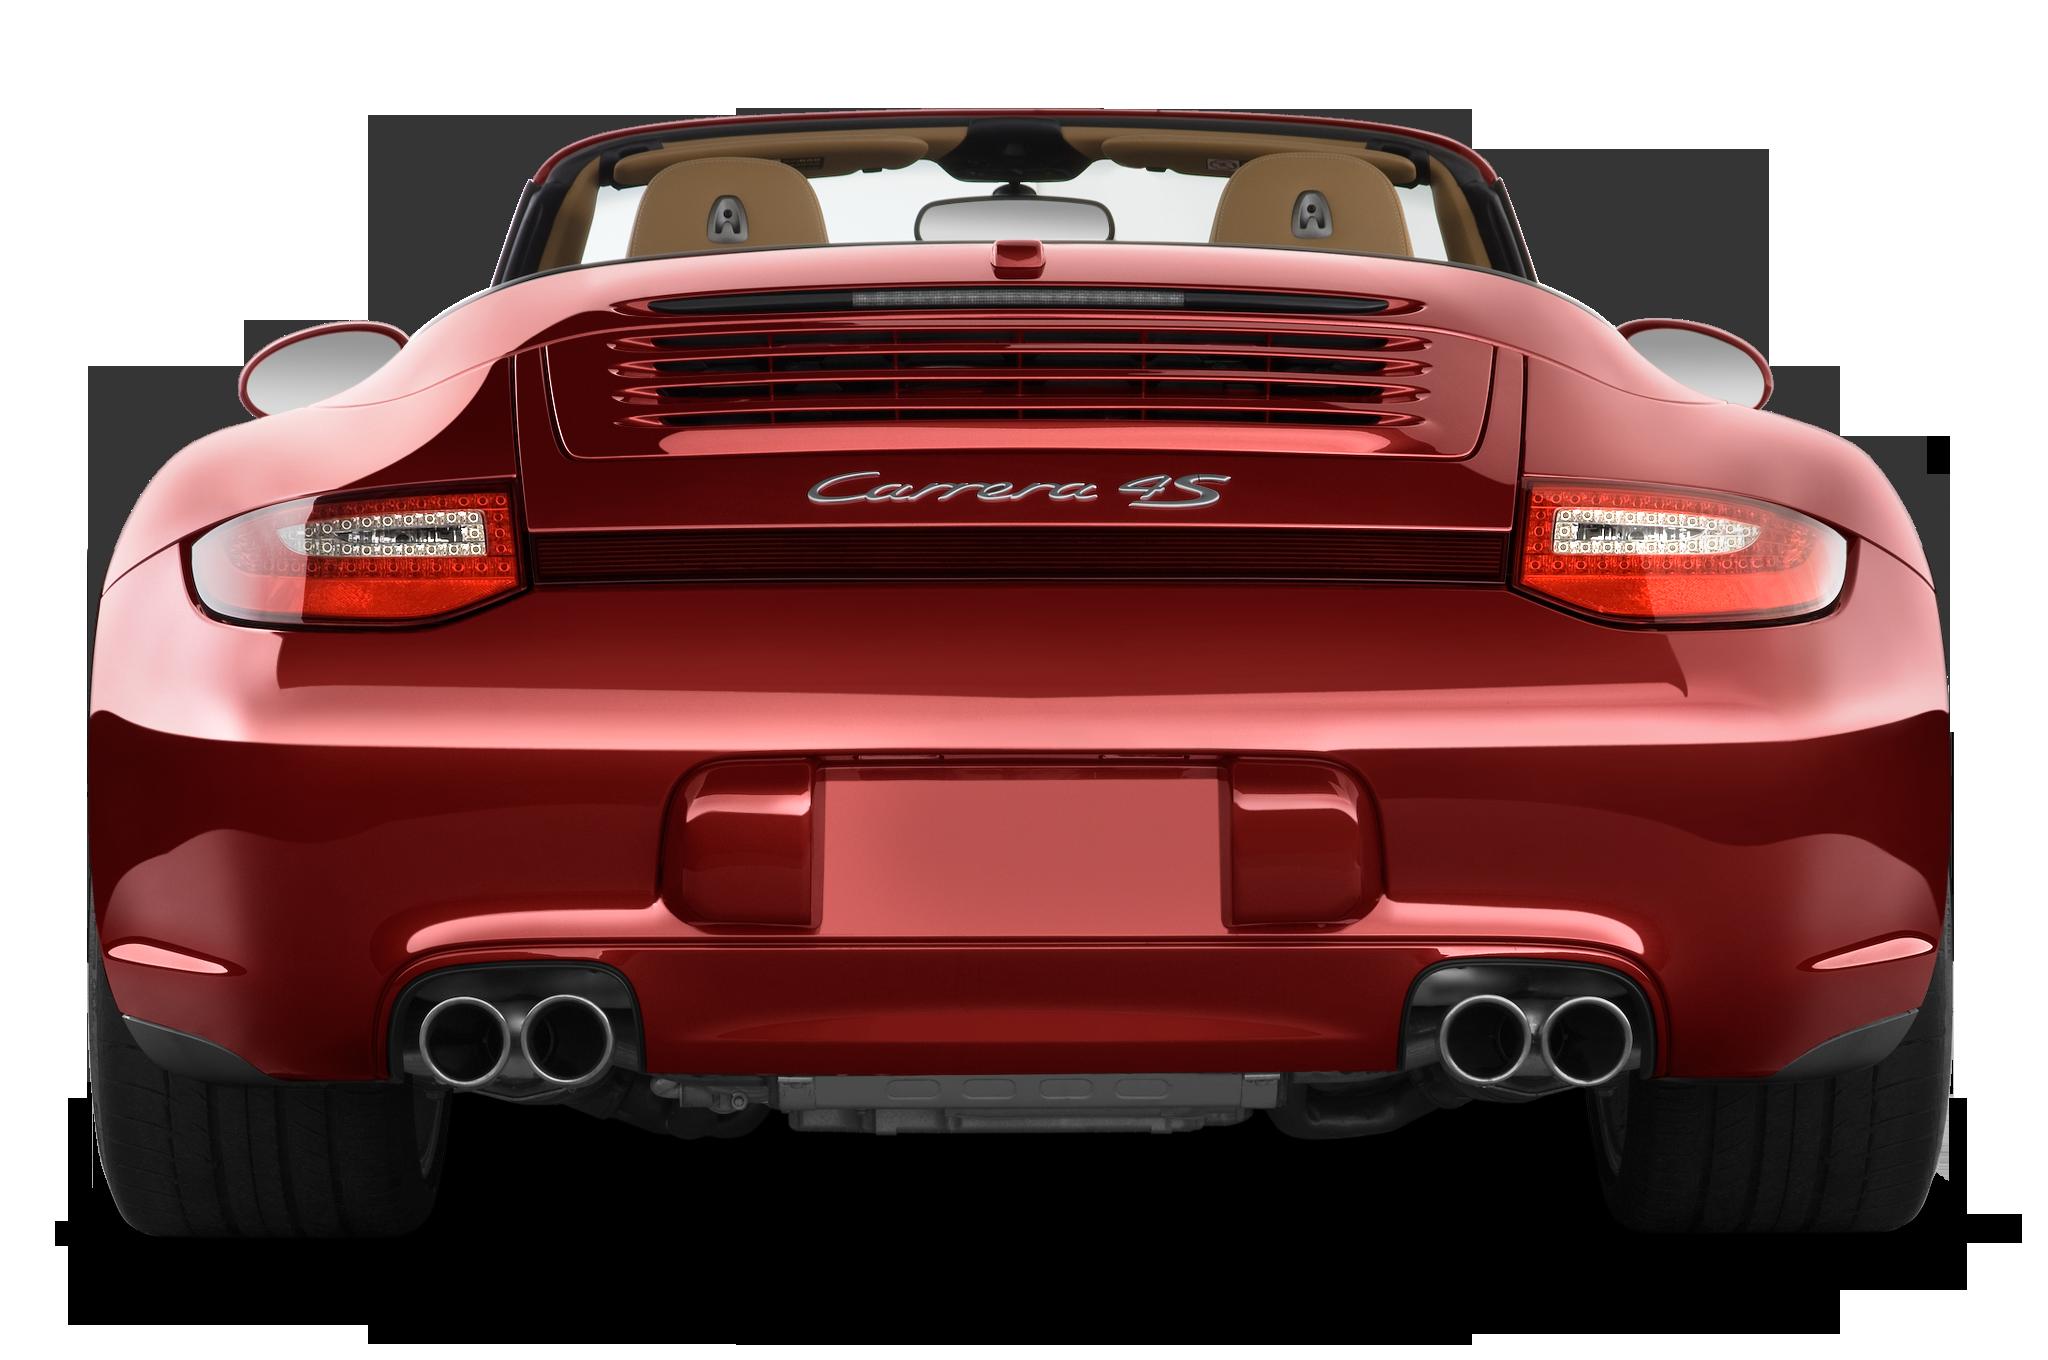 Ten Favorite Porsche 911s Techtonics Engine Price